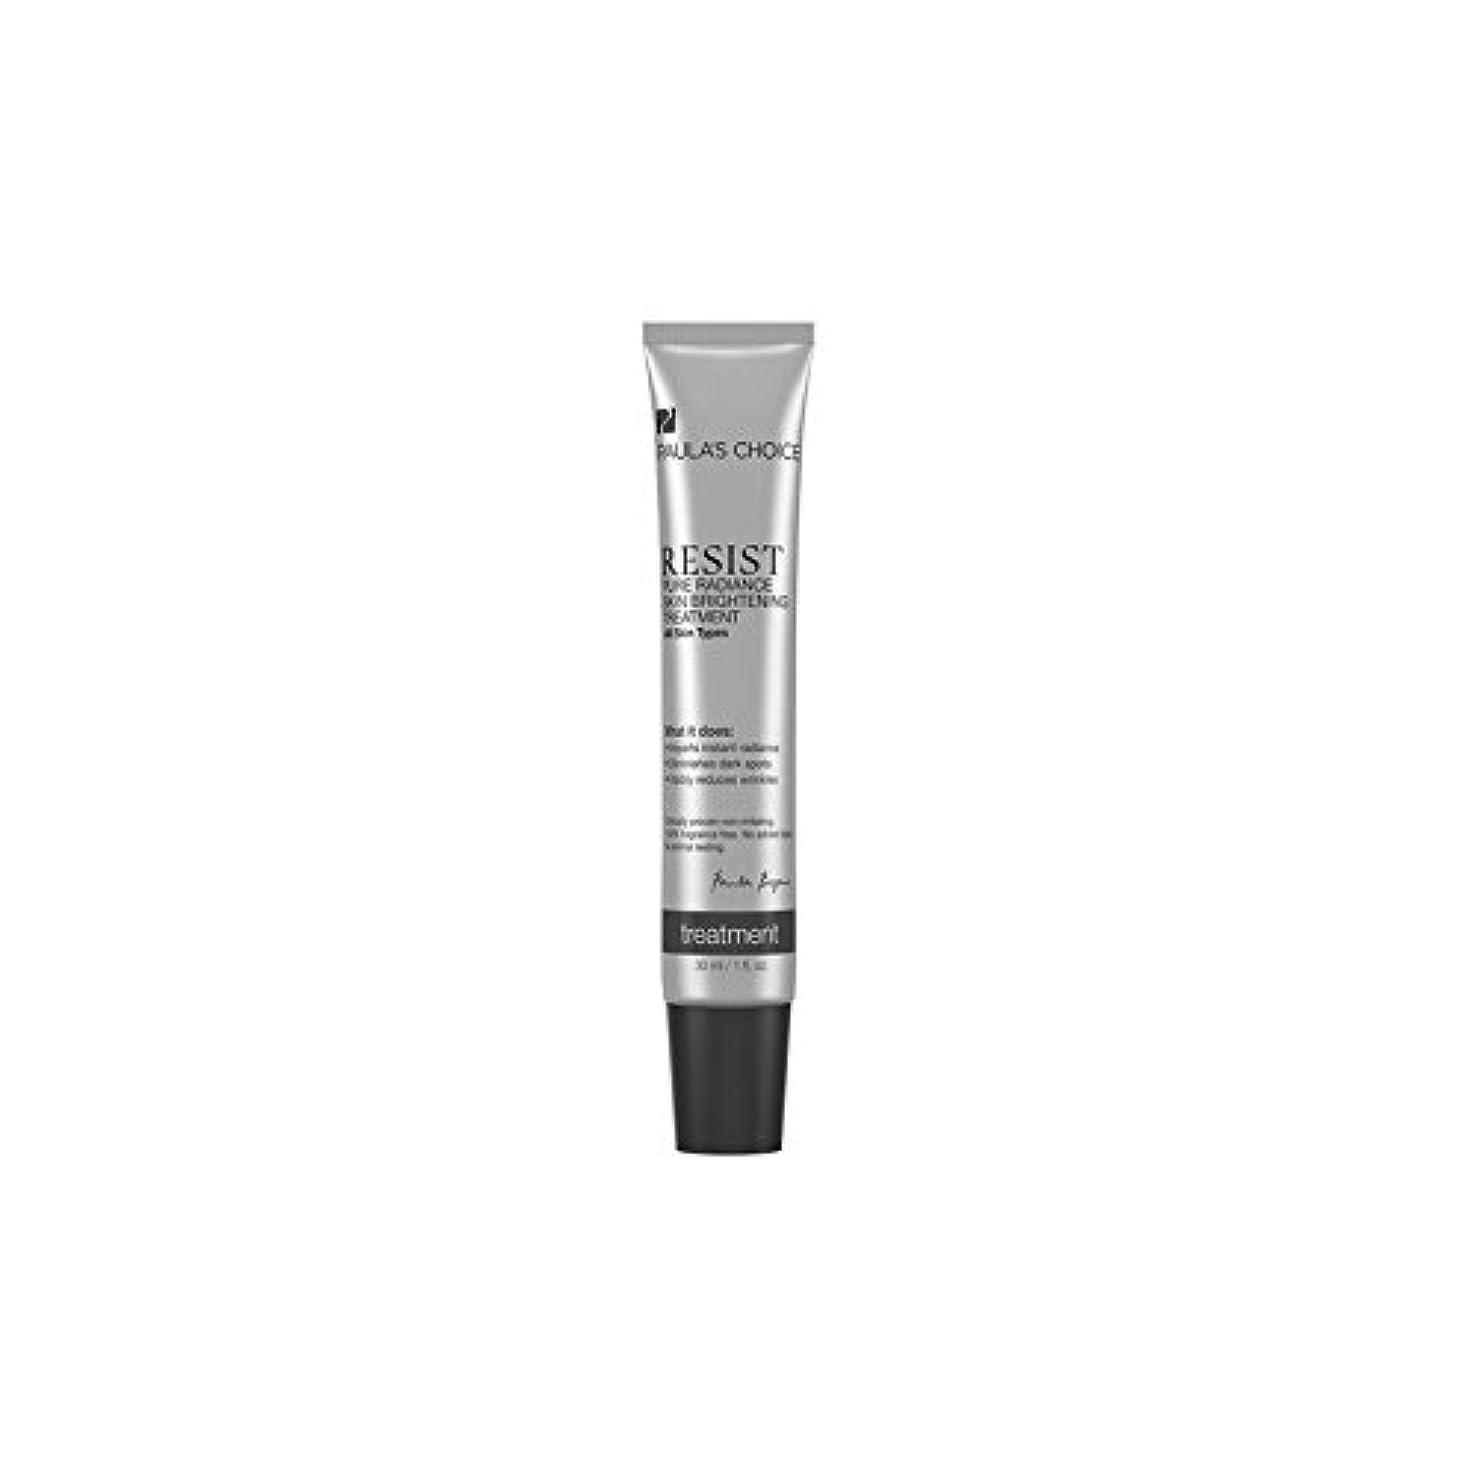 白鳥暗唱する支払うポーラチョイスは純粋な輝き肌ブライトニングトリートメント(30ミリリットル)を抵抗します x2 - Paula's Choice Resist Pure Radiance Skin Brightening Treatment (30ml) (Pack of 2) [並行輸入品]